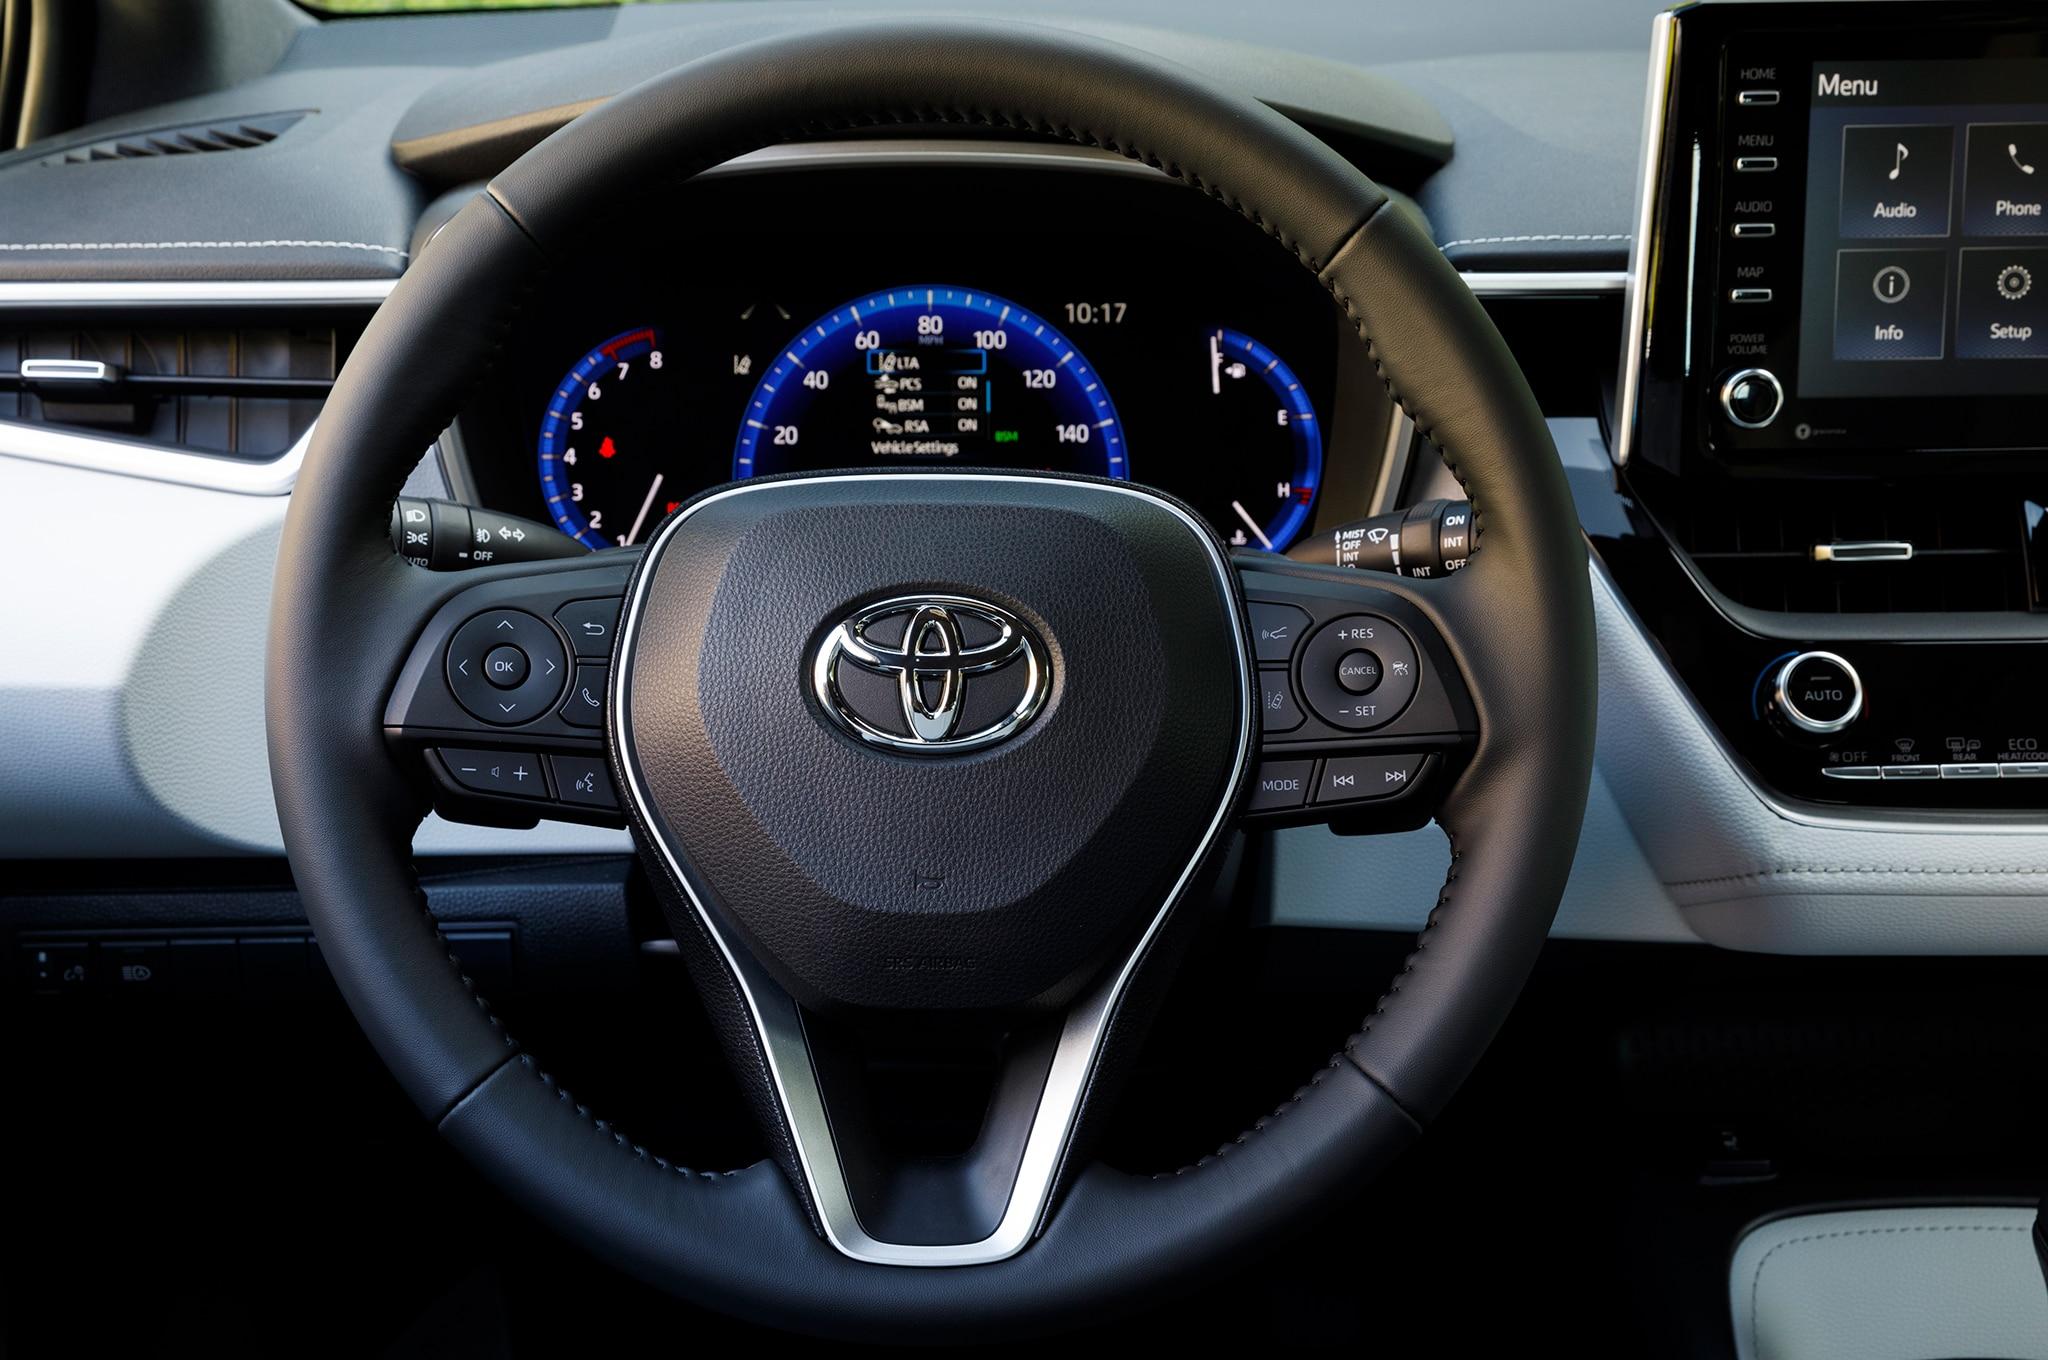 2019 Toyota Corolla Hatchback XSE steering wheel 01 ...